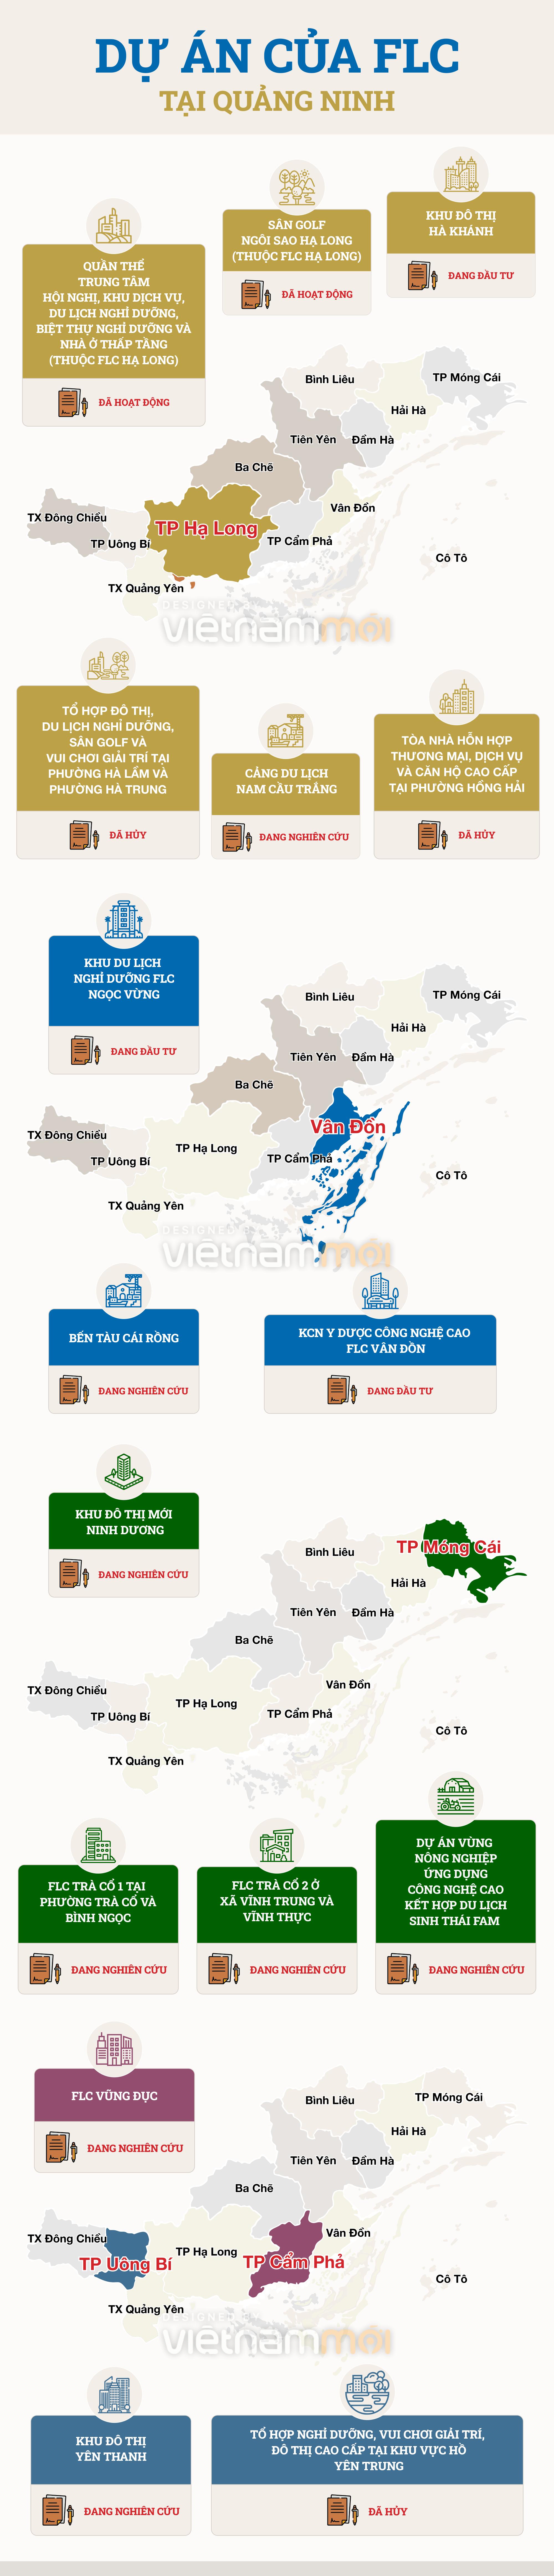 FLC đang nghiên cứu, đầu tư những dự án lớn nào tại Quảng Ninh?  - Ảnh 1.